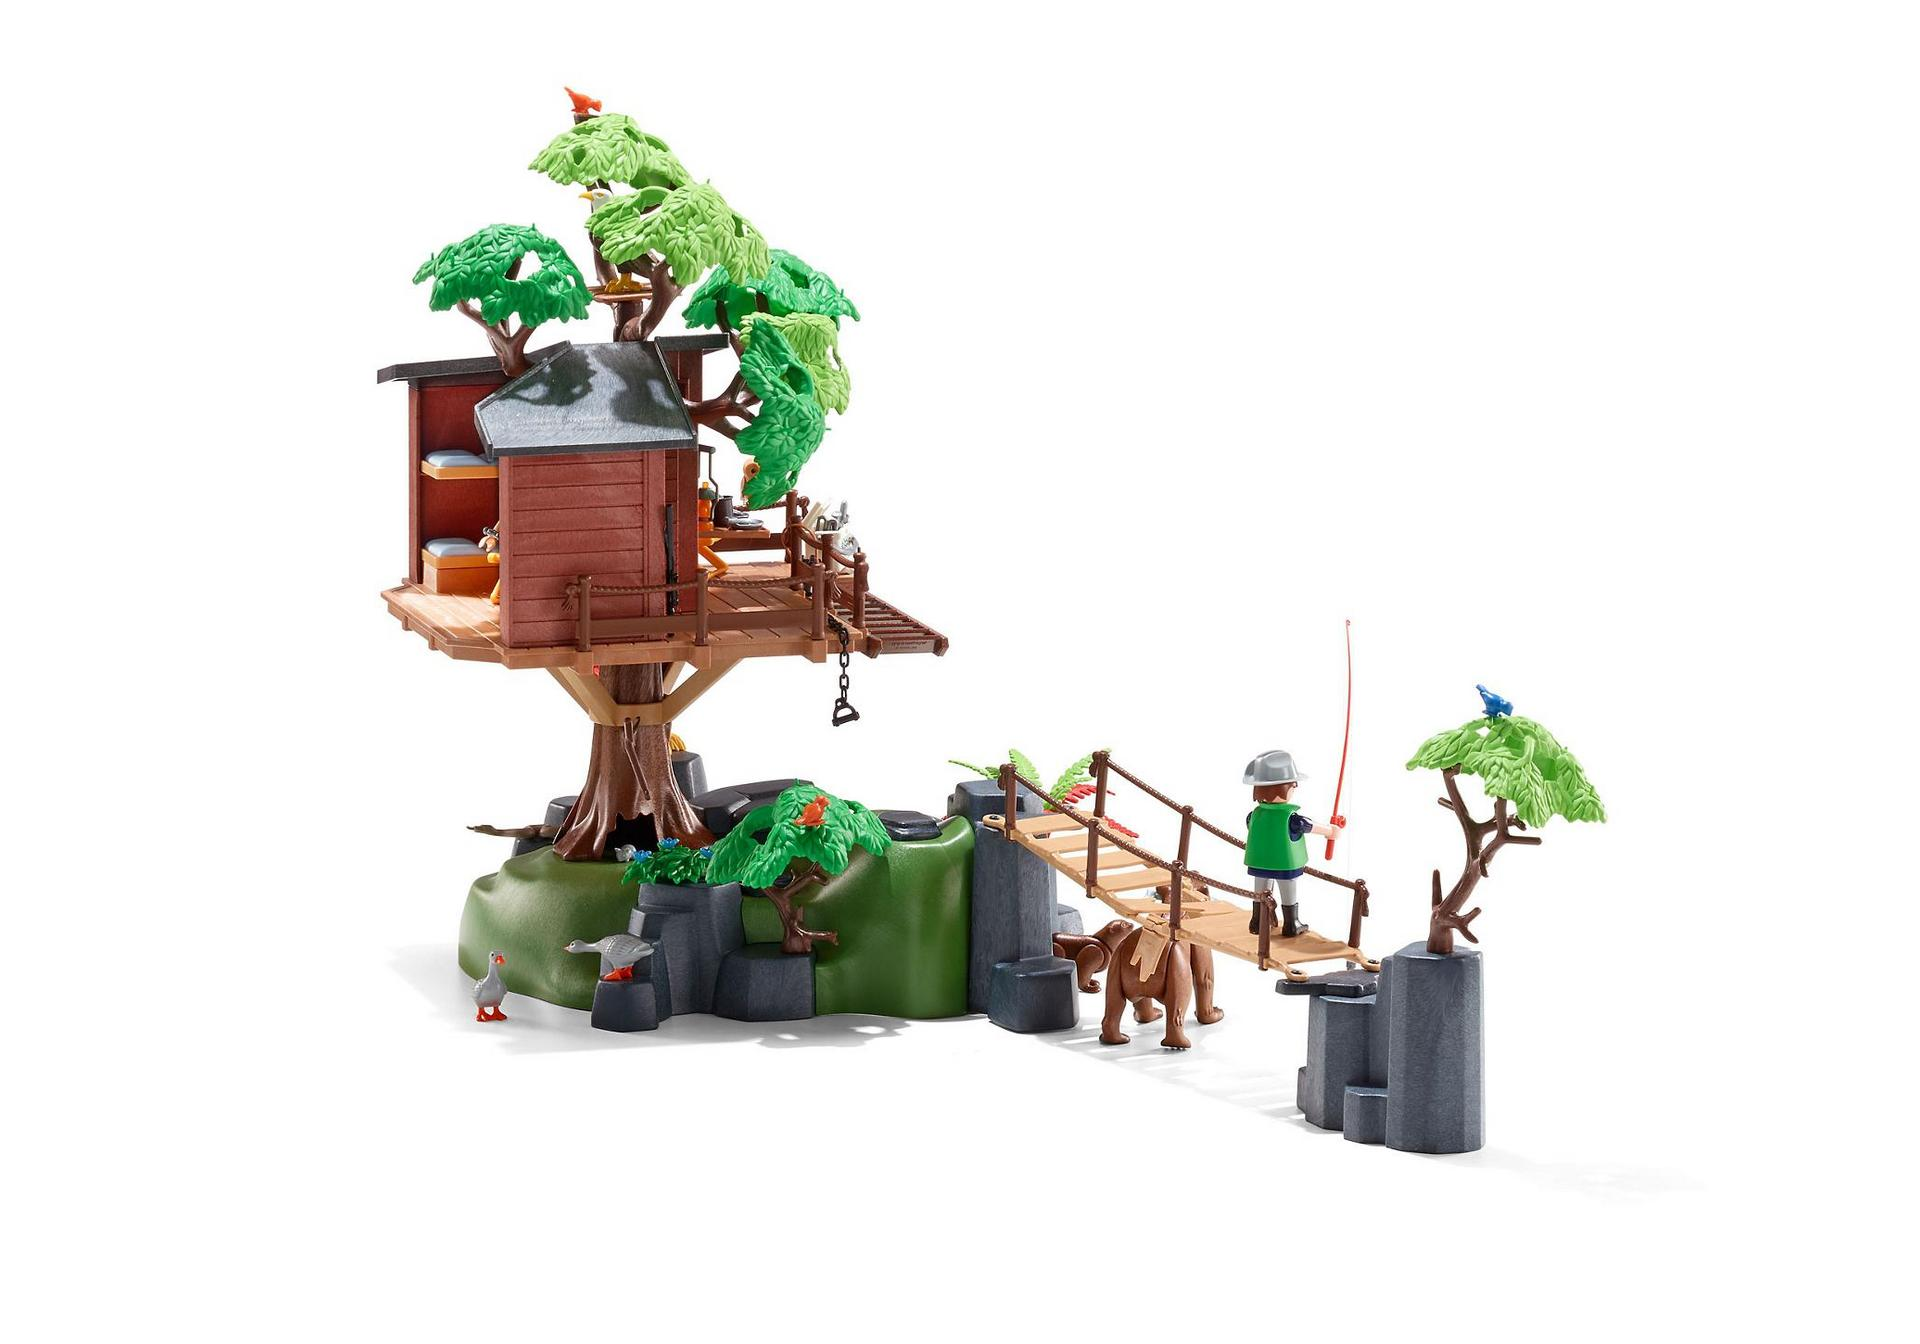 Ausmalbilder Playmobil Wild Life : Adventure Tree House 5557 Playmobil Estonia